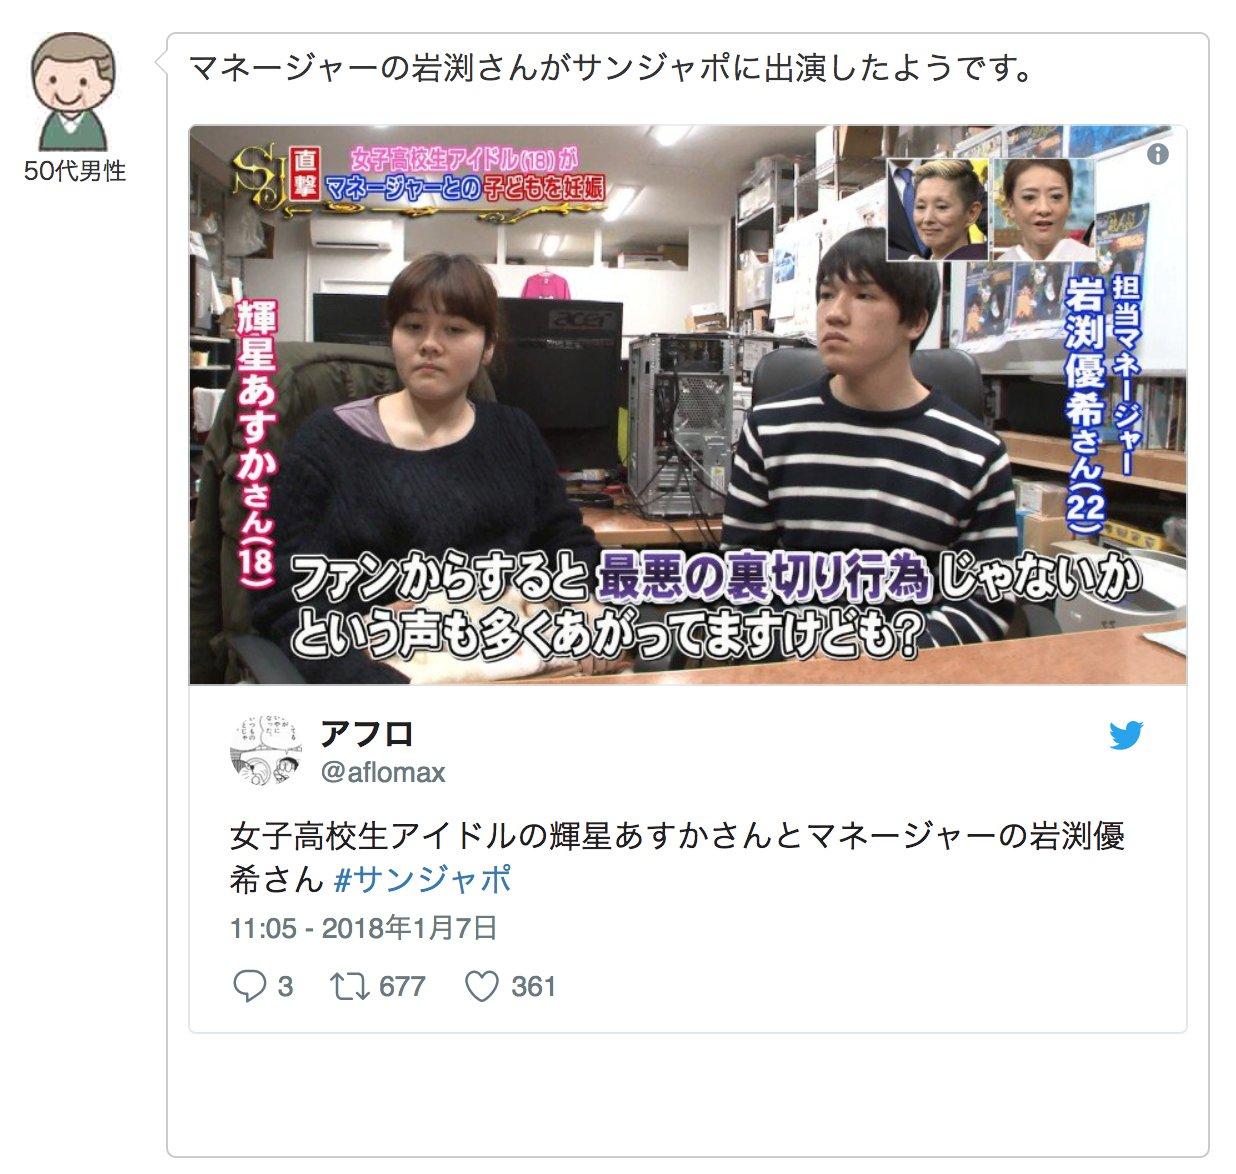 岩渕優希 女子高生アイドルの輝星(きらぼし)あすかさん(18)が、第1子を妊娠したことをツイッターなどで発表した。お相手は、約2年前から交際していたという担当マネジャーの  ...